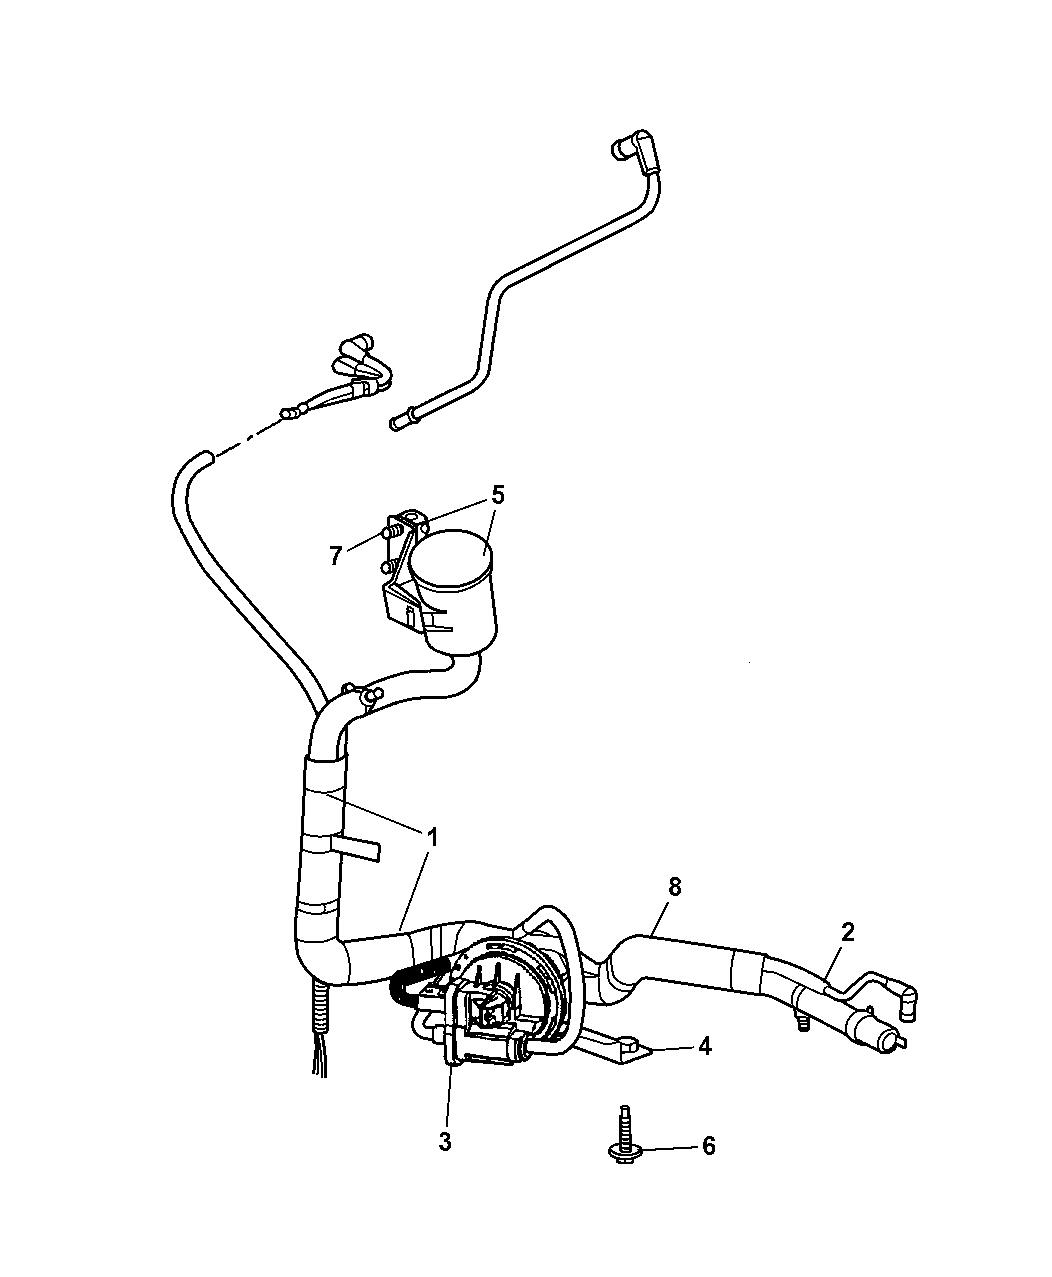 Dodge Grand Caravan Leak Detection Pump